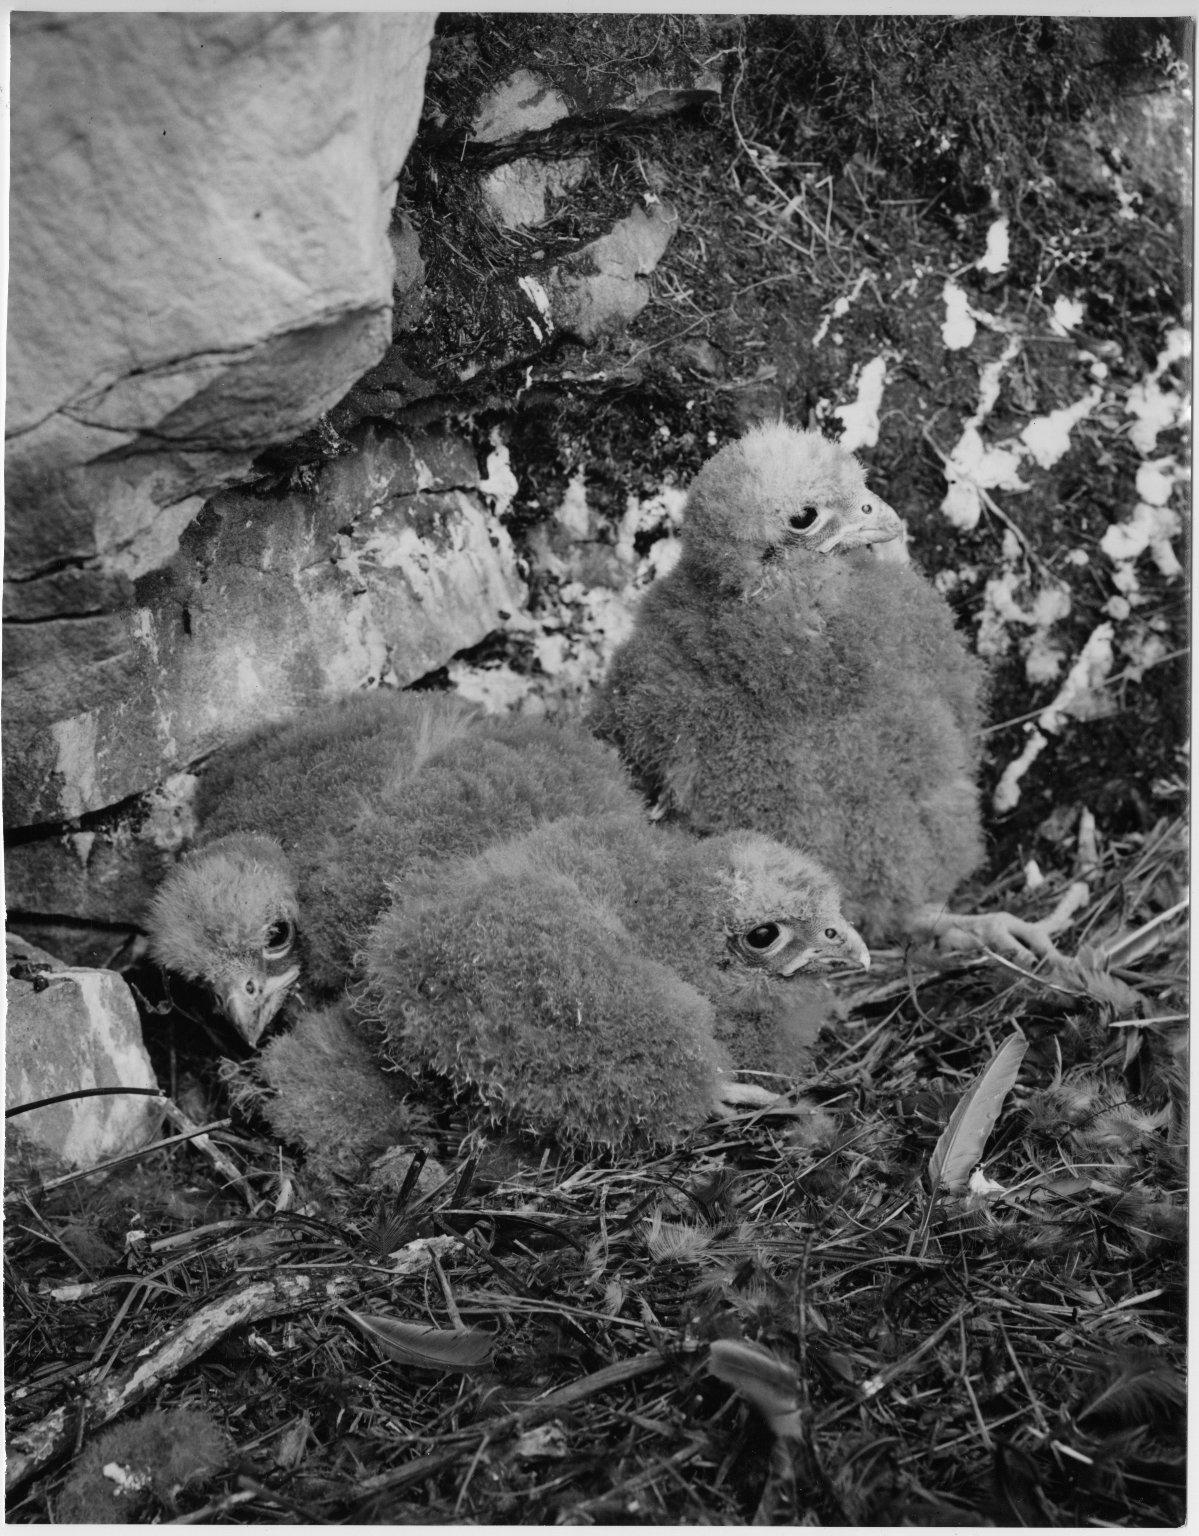 Falcon, Falco novaseelandiae